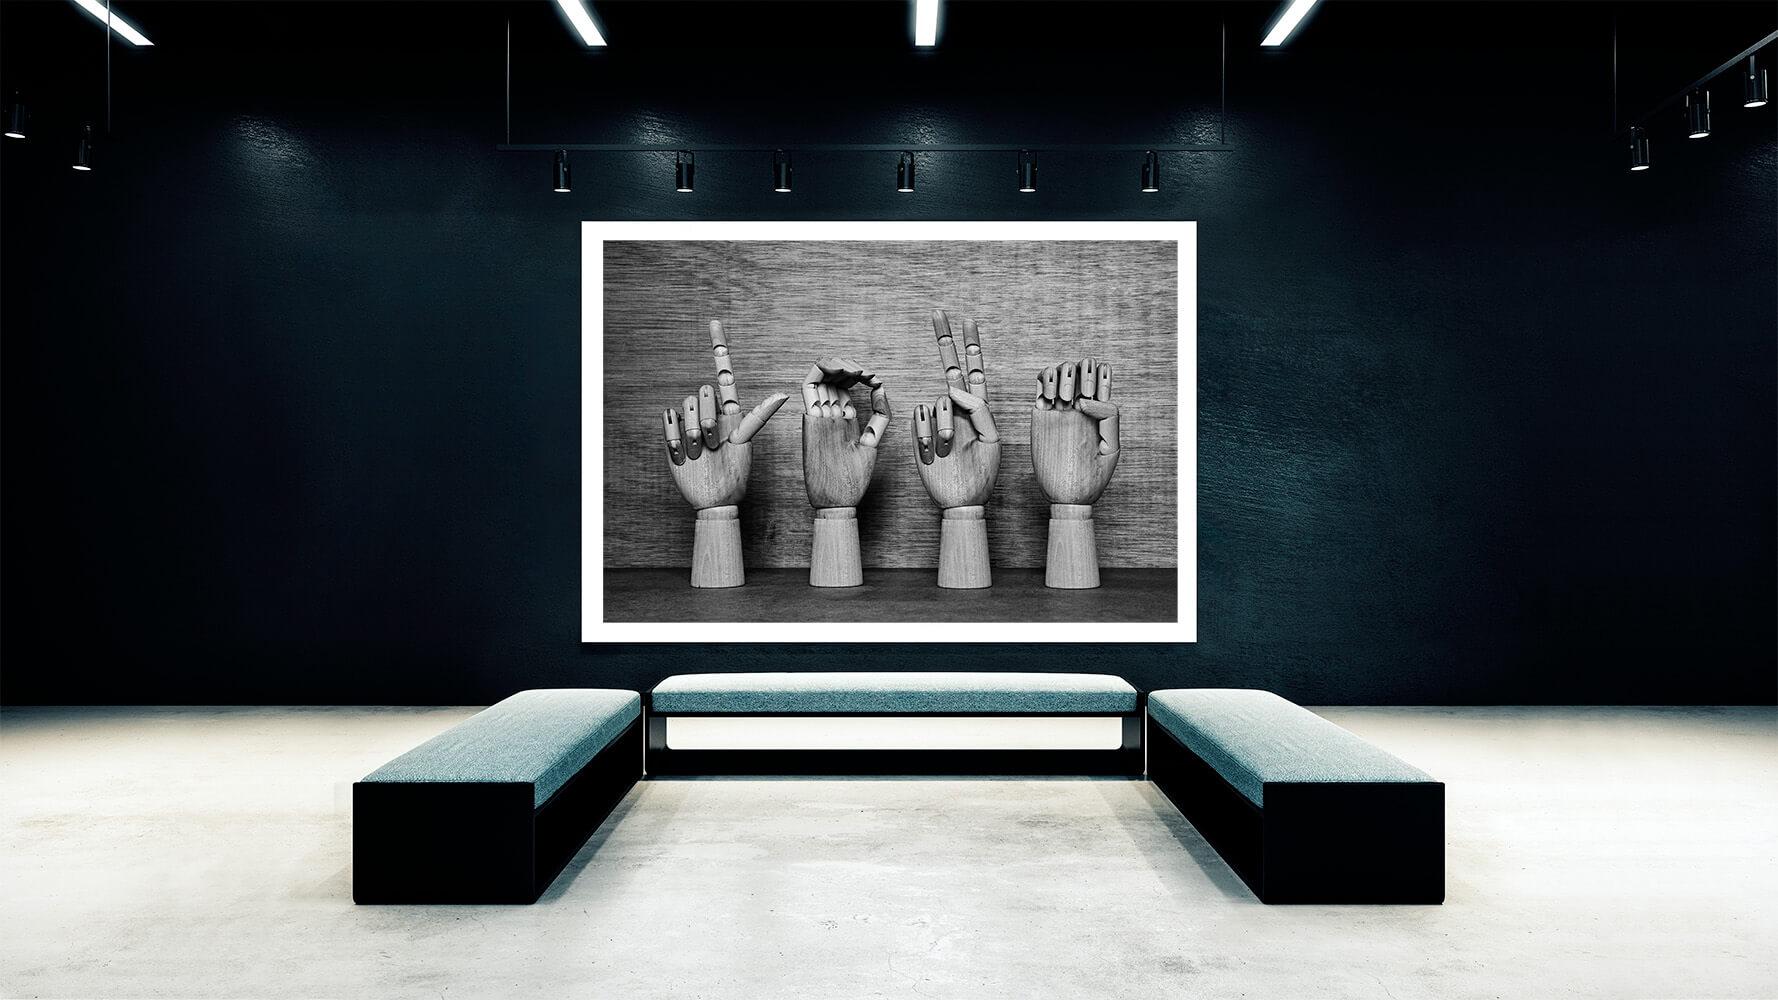 Viktor-van-der-lak-love-word-exposicion-talk-to-me-Horno-Virtual-Gallery-galeria-arte-fotografia-artistica-edicion-limitada-decoracio